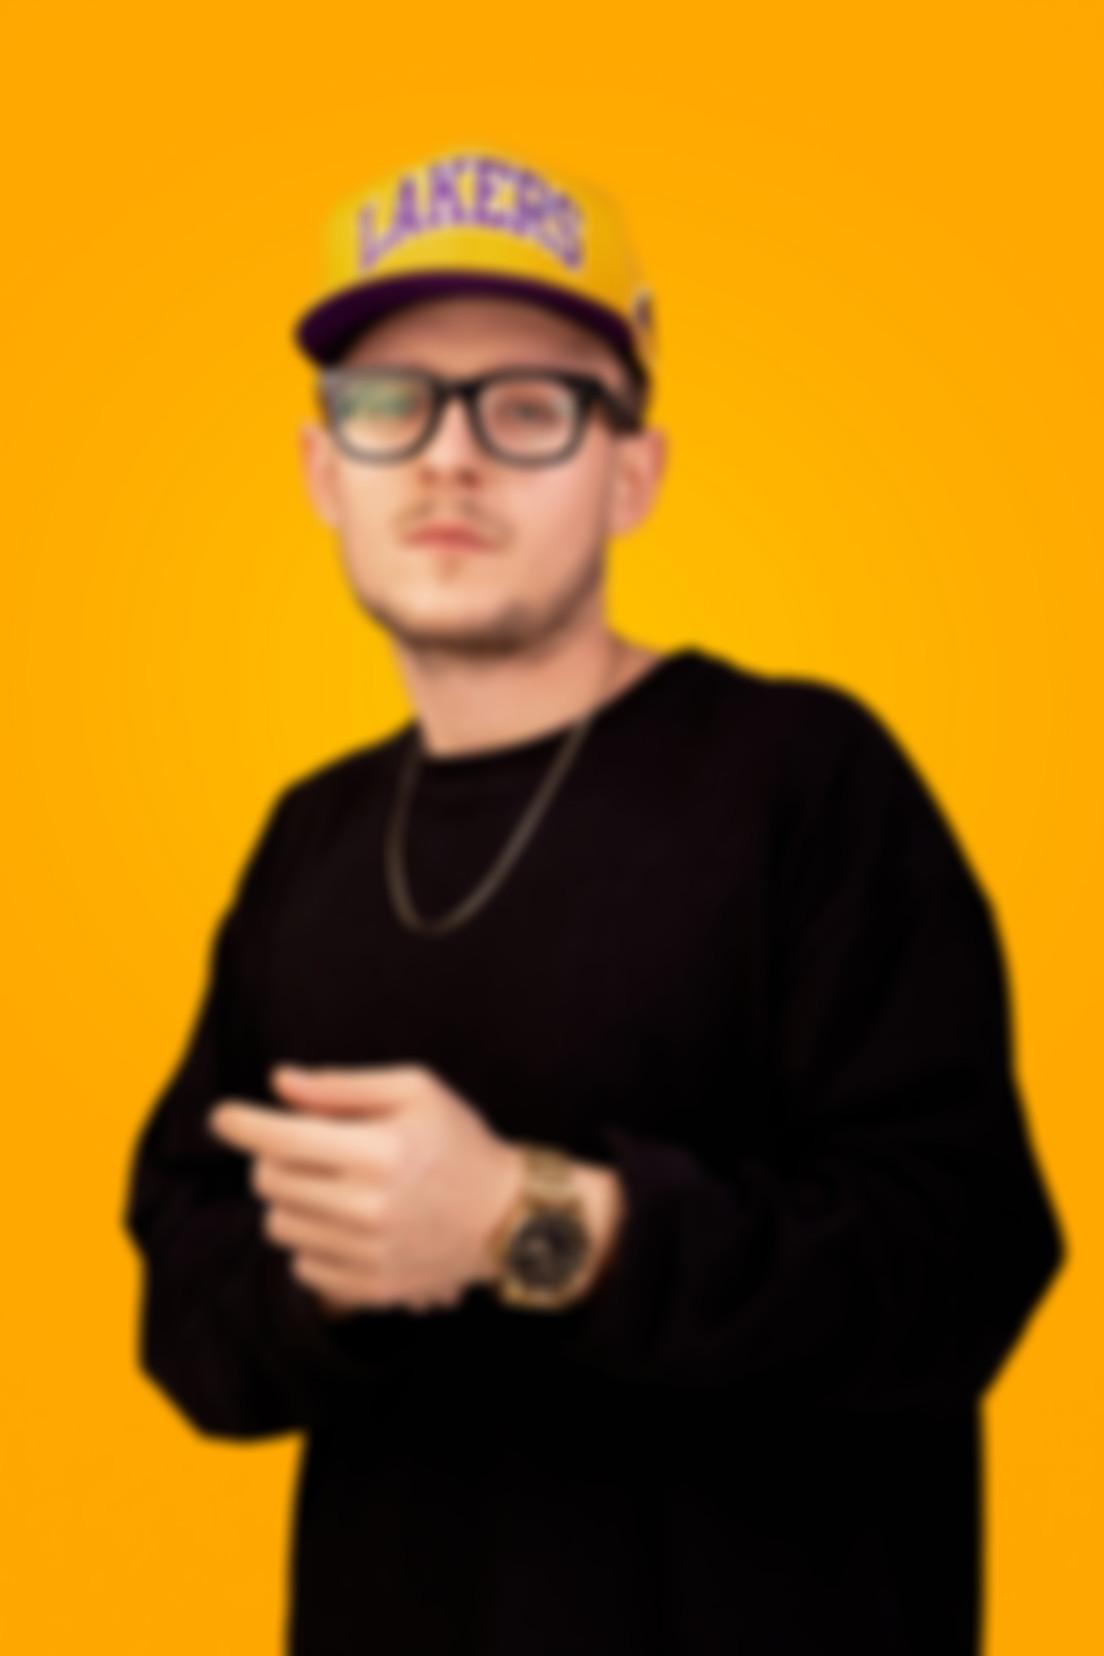 Zdjęcie na pomarańczowym tle Marcina